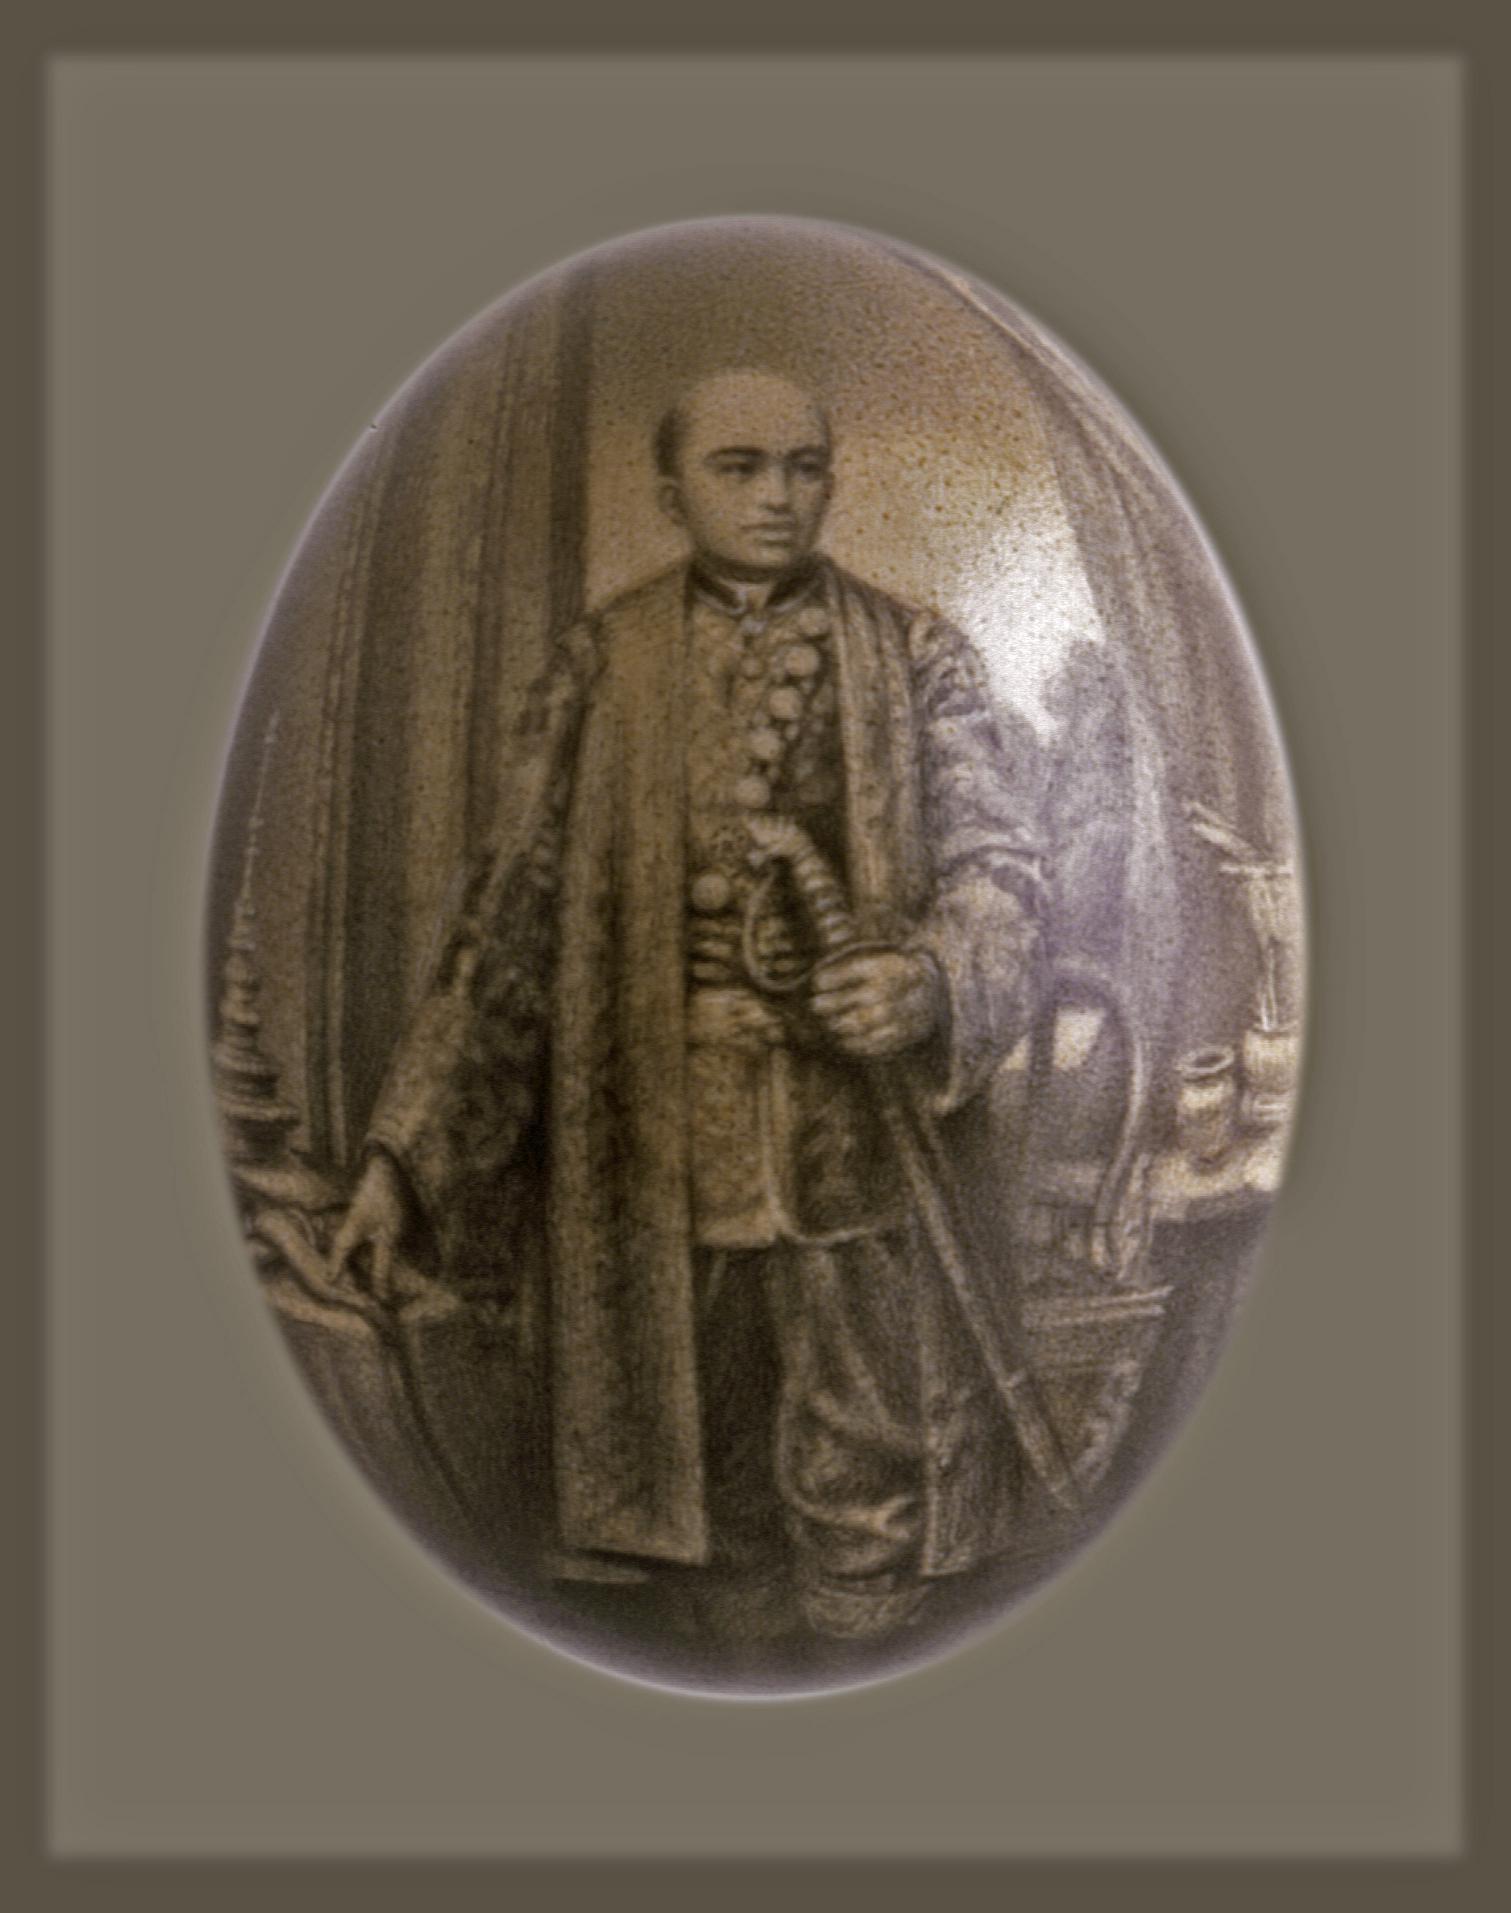 Thailand's King Rama III